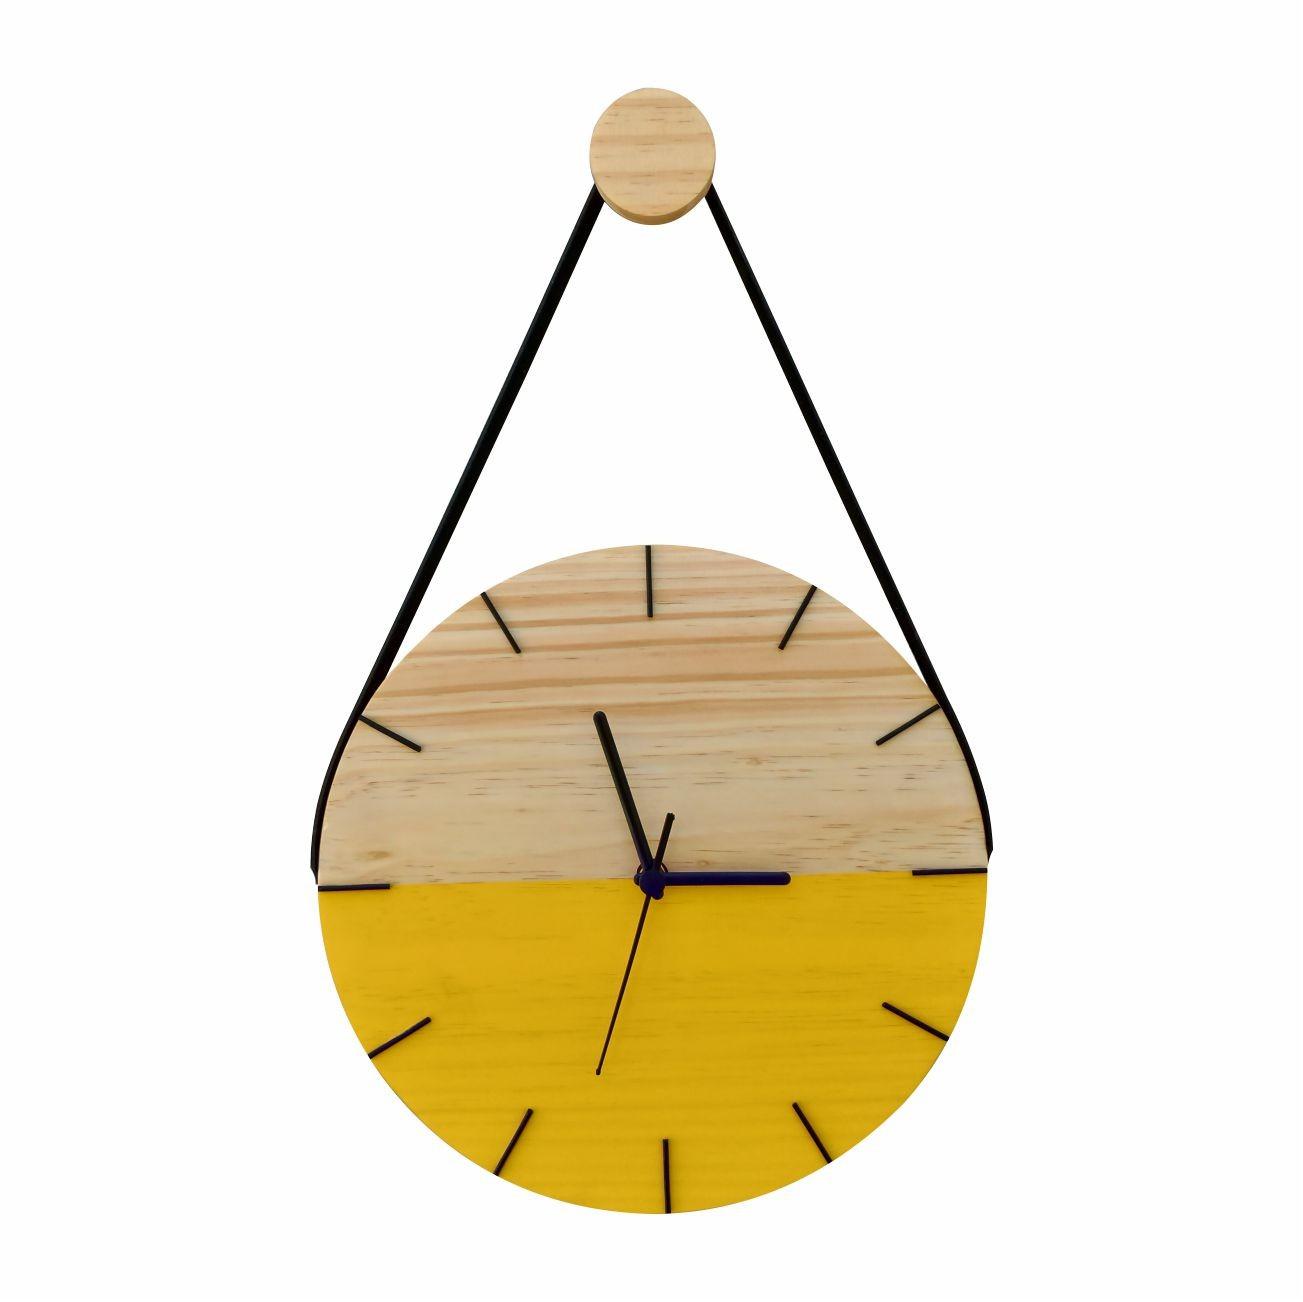 Relógio de Parede Minimalista em Madeira Amarelo com Alça + Pendurador